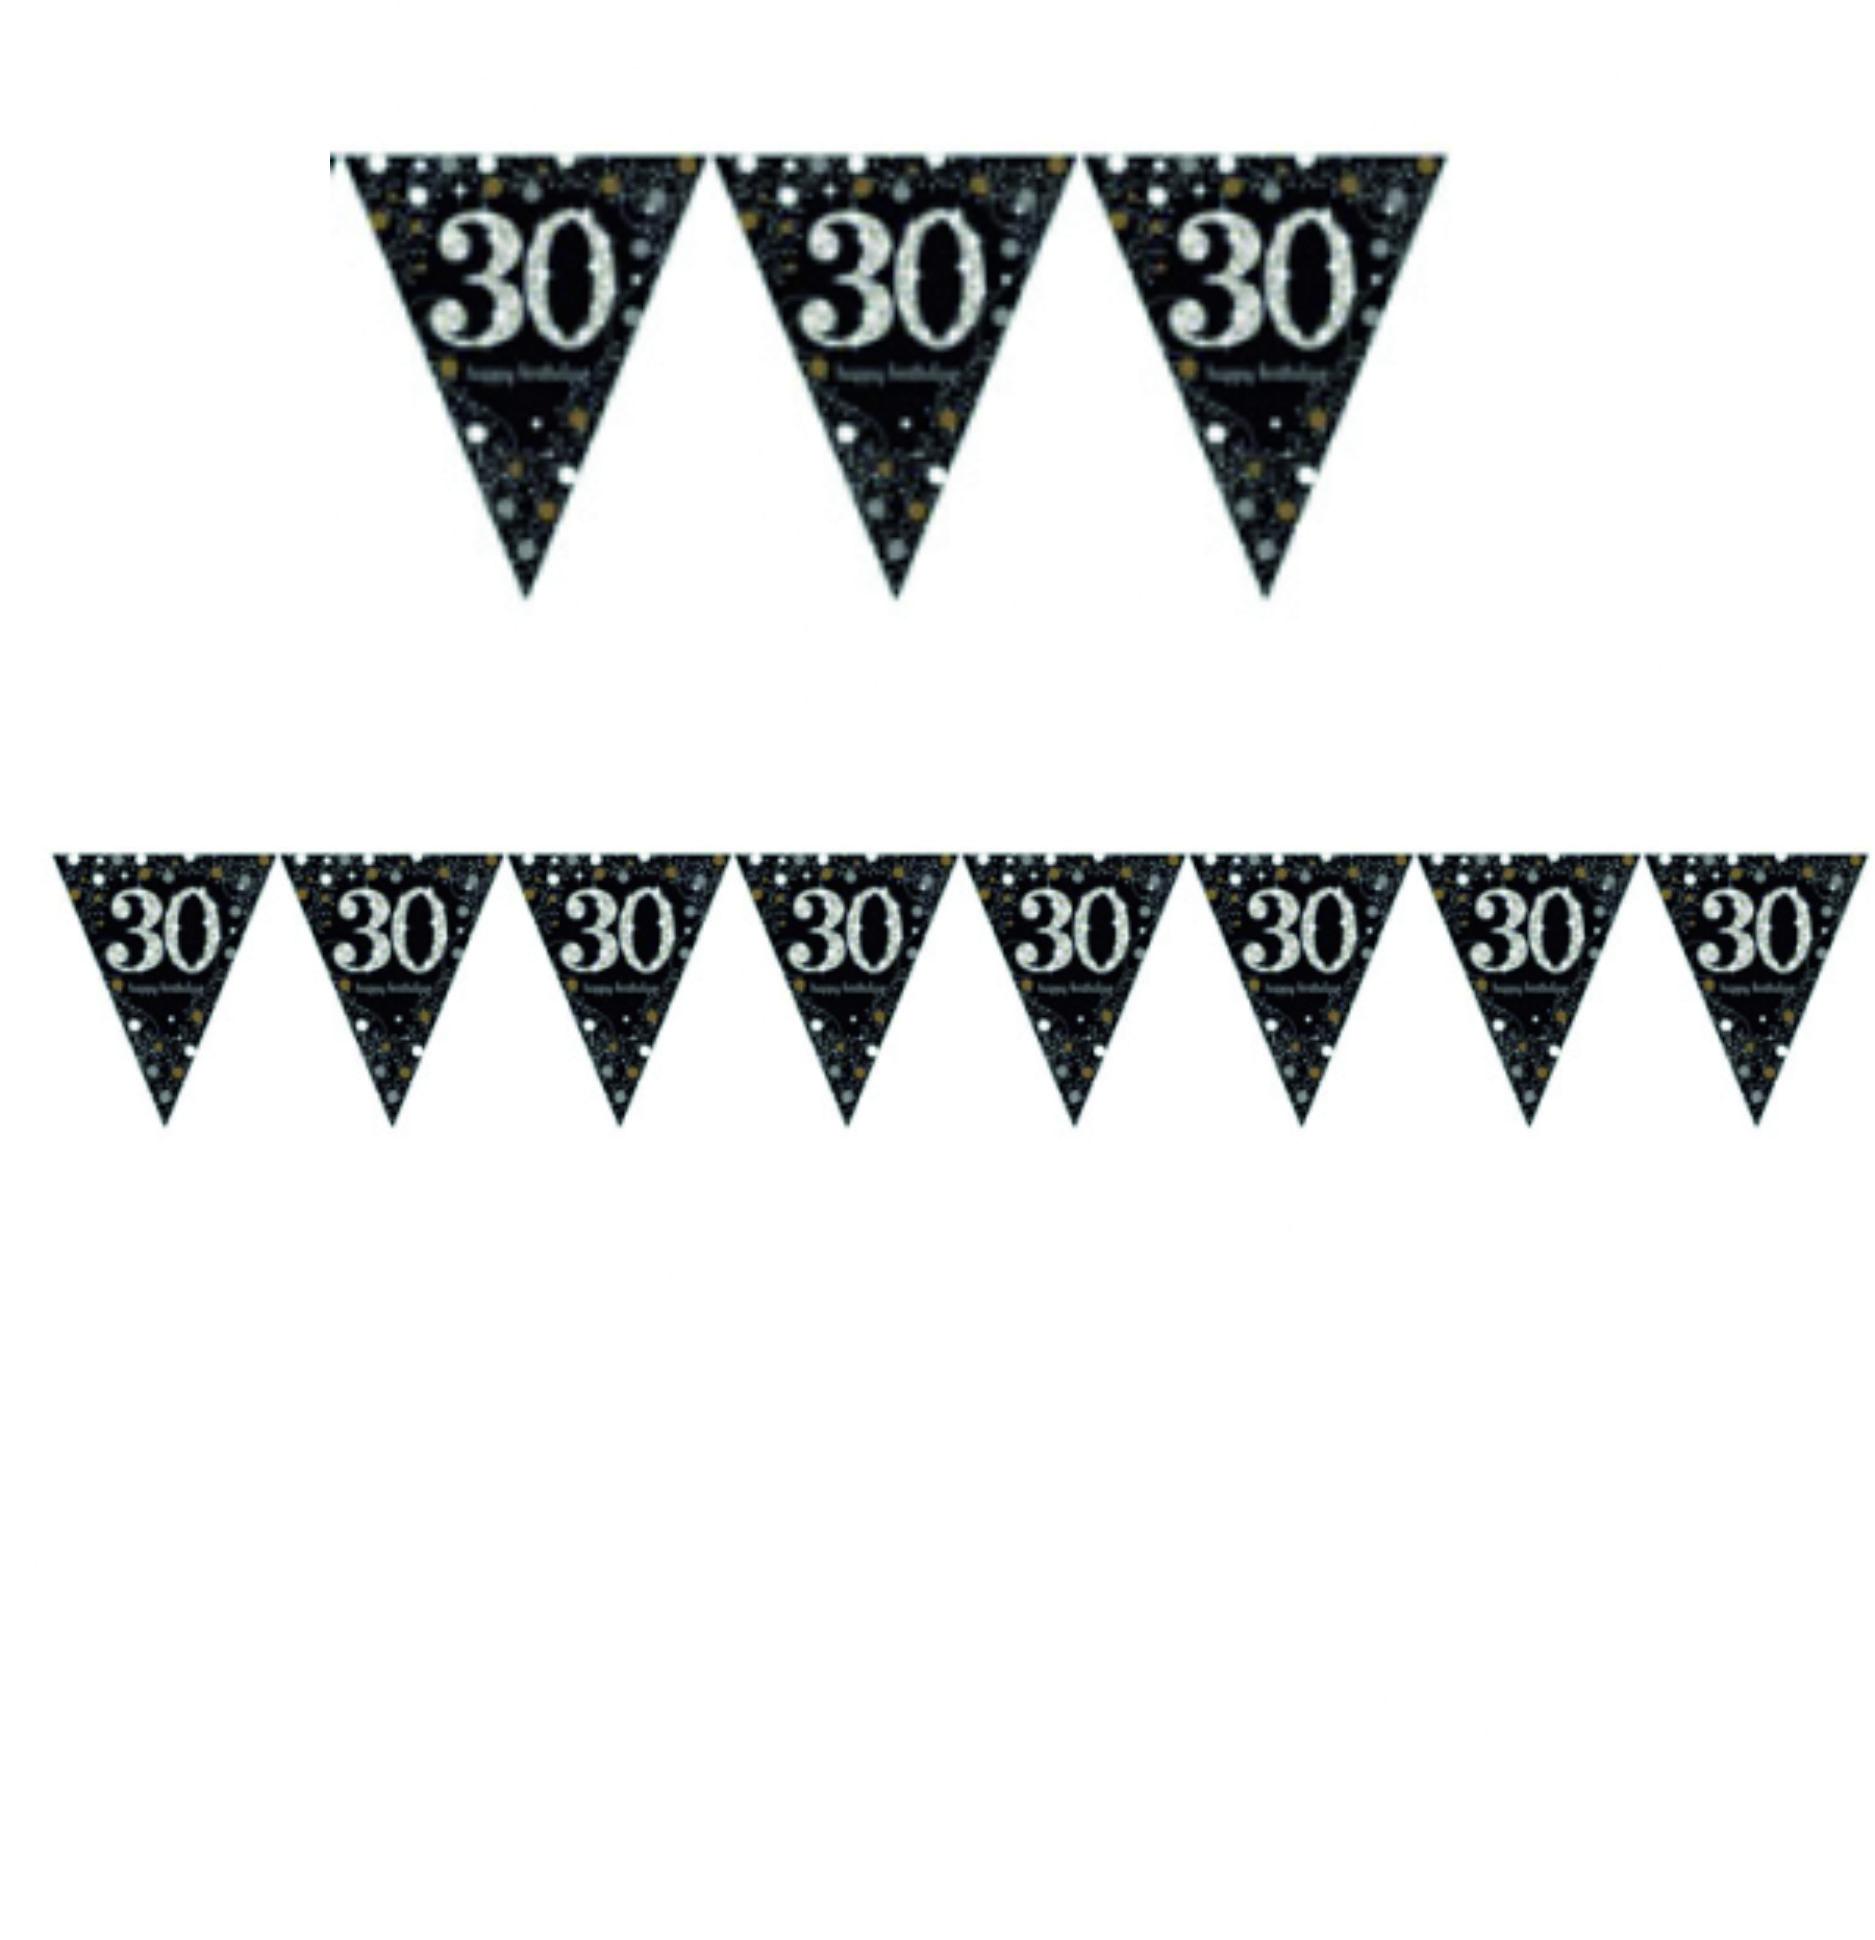 Vlajka 30. narozeniny 4 m Amscan